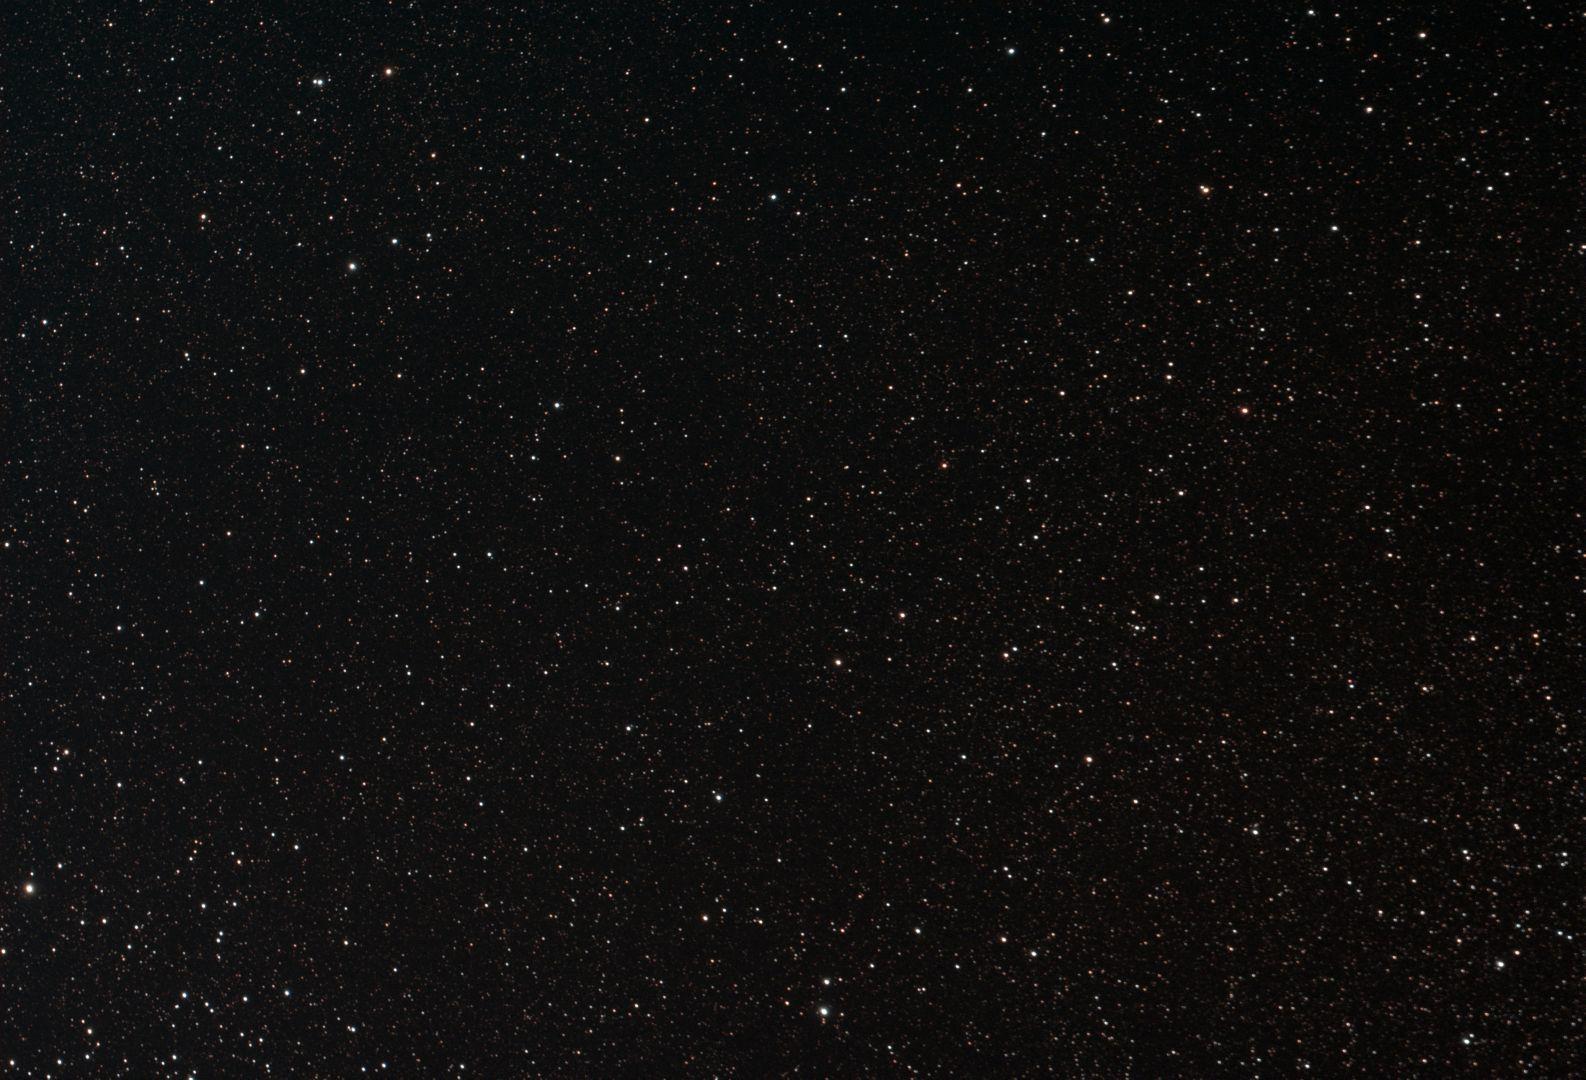 IC 4756_OC_PCC_2.jpg